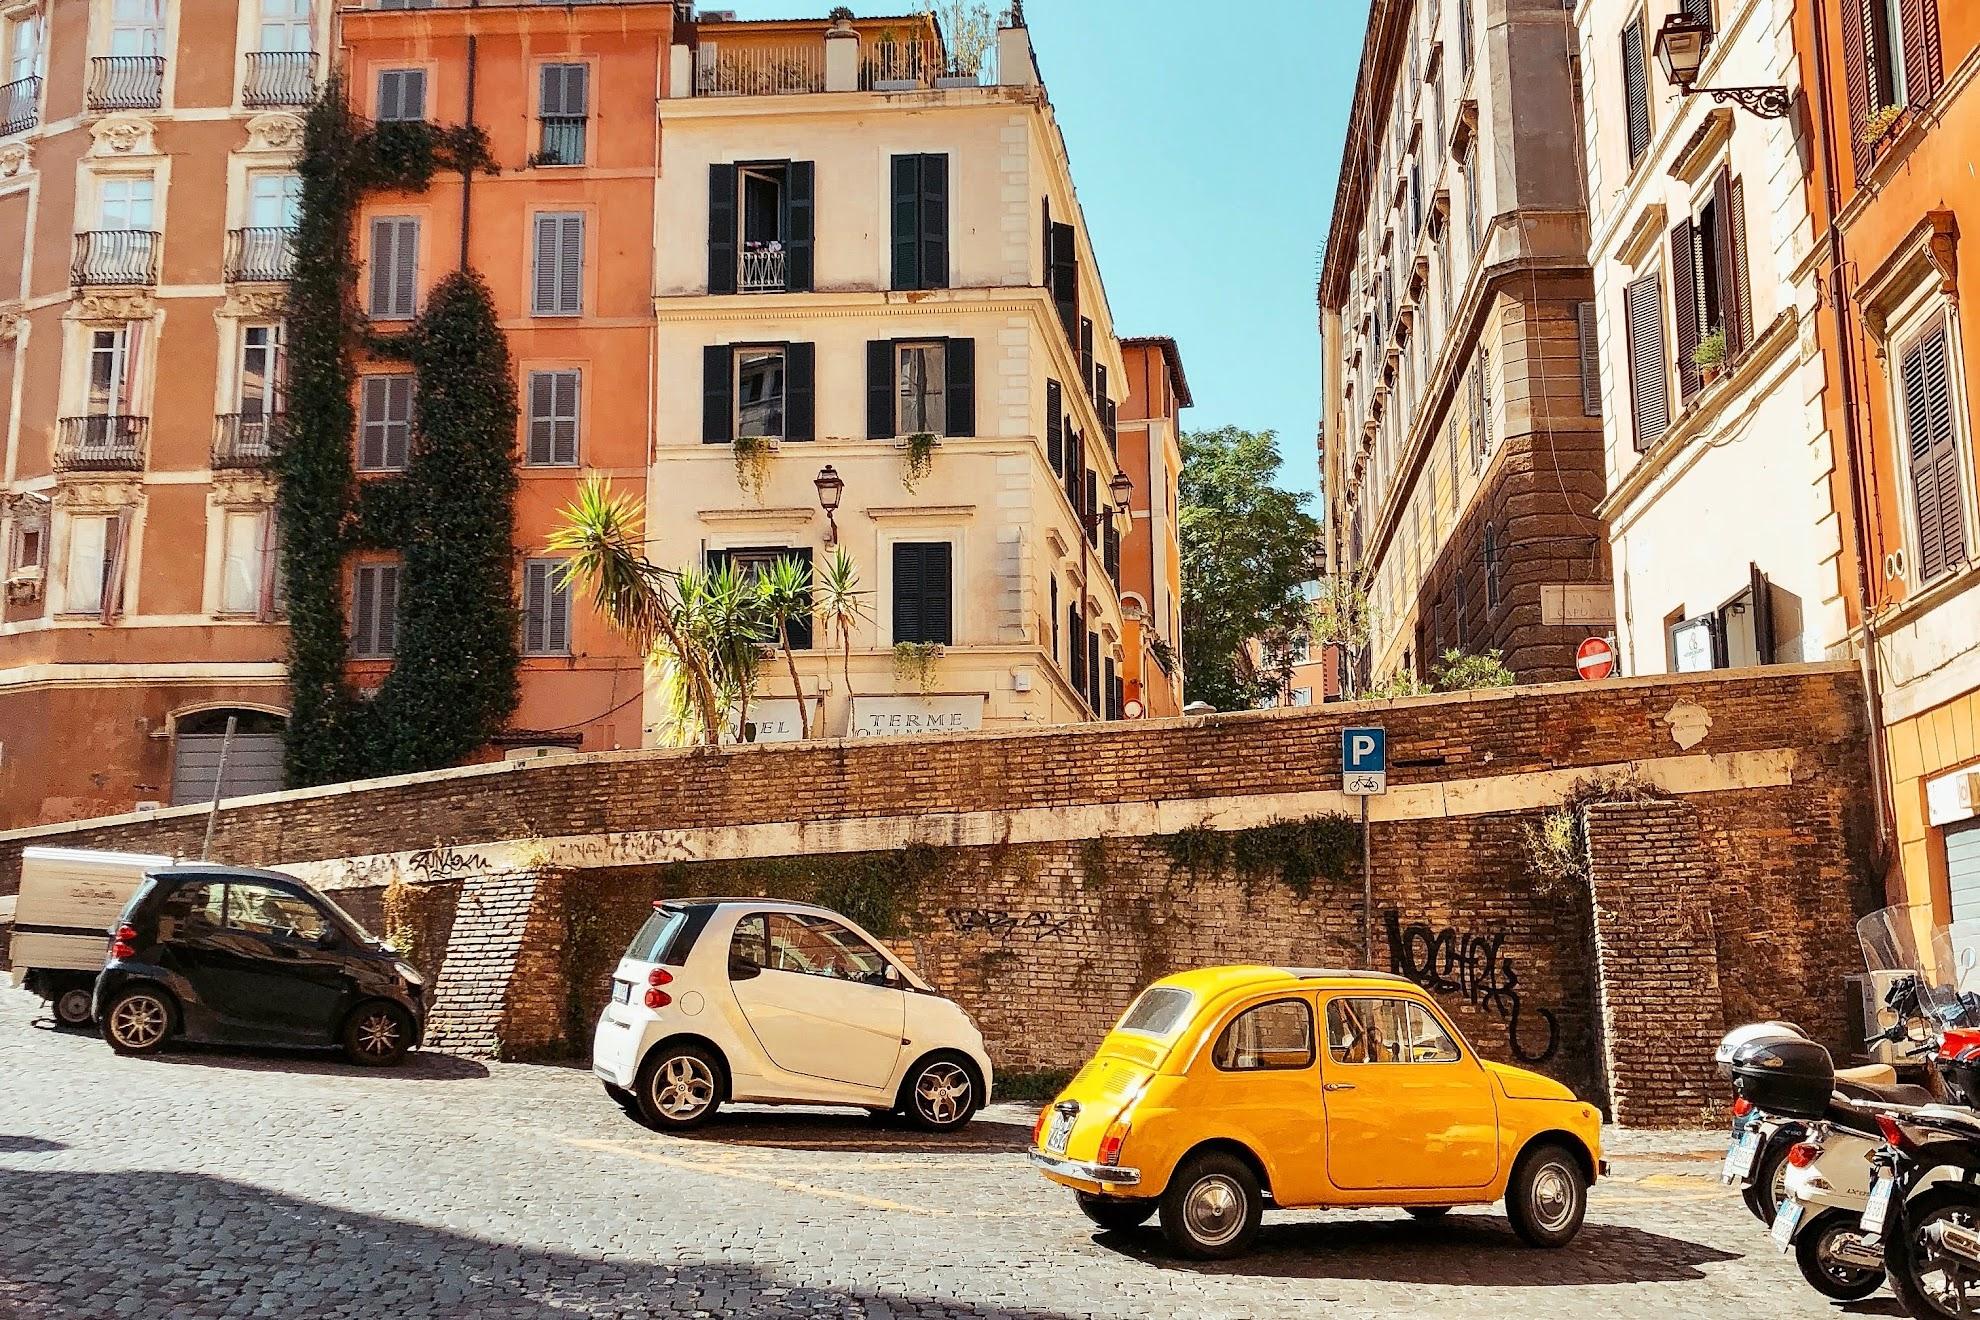 hippe-wijk-rome